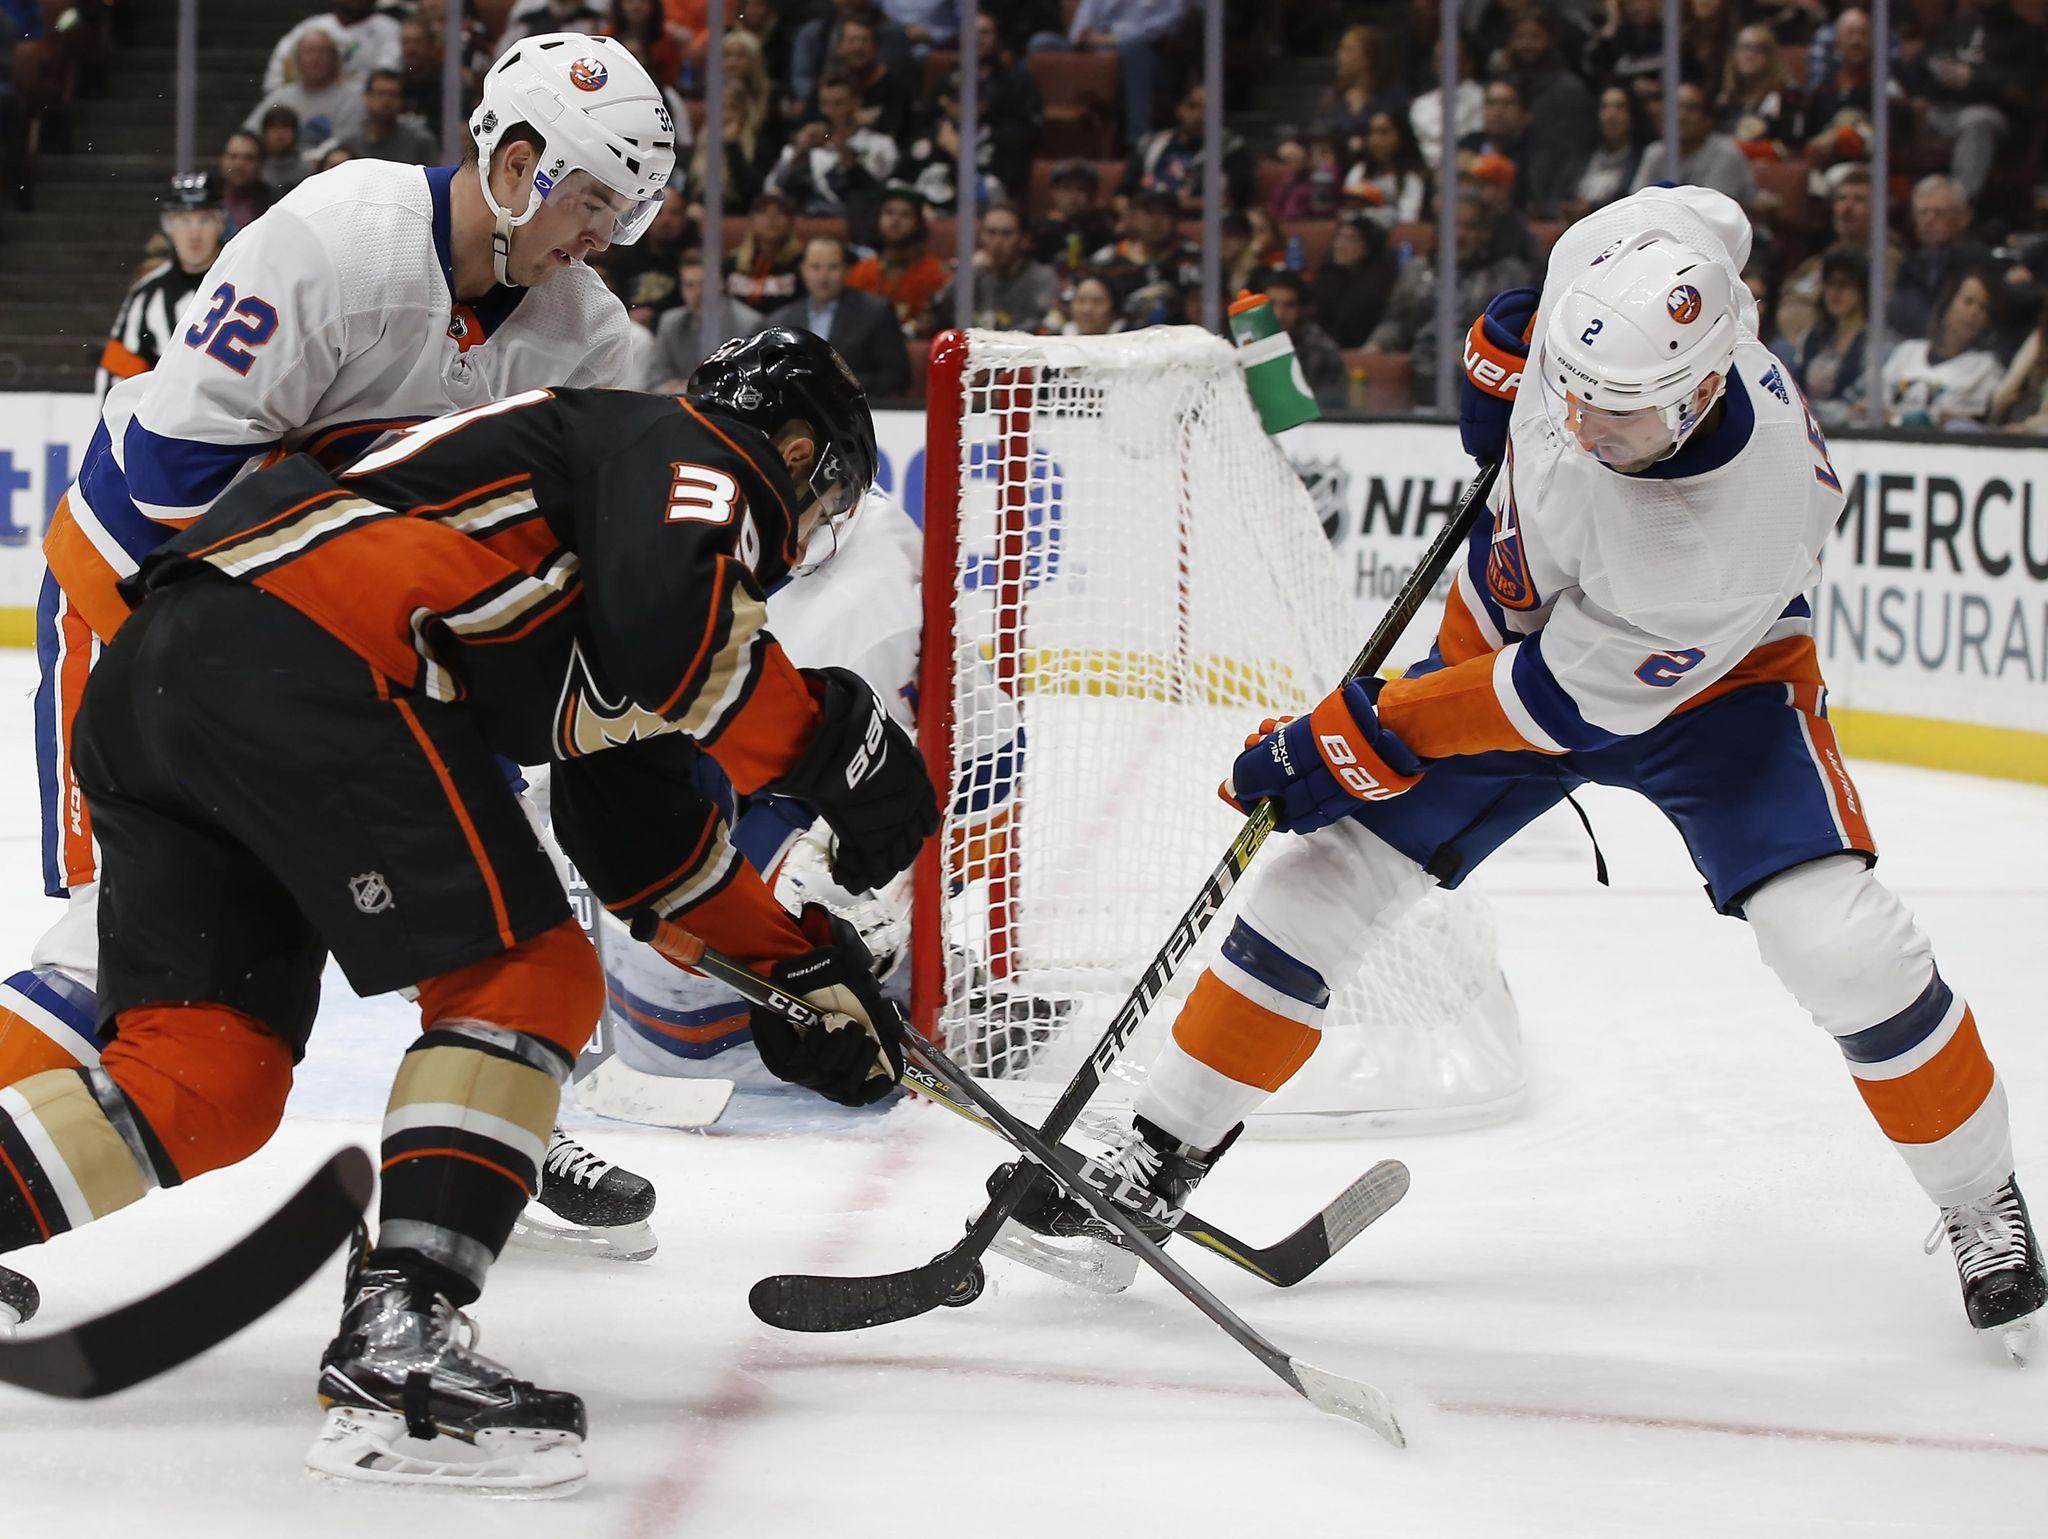 Islanders_ducks_hockey_44054_s2048x1539